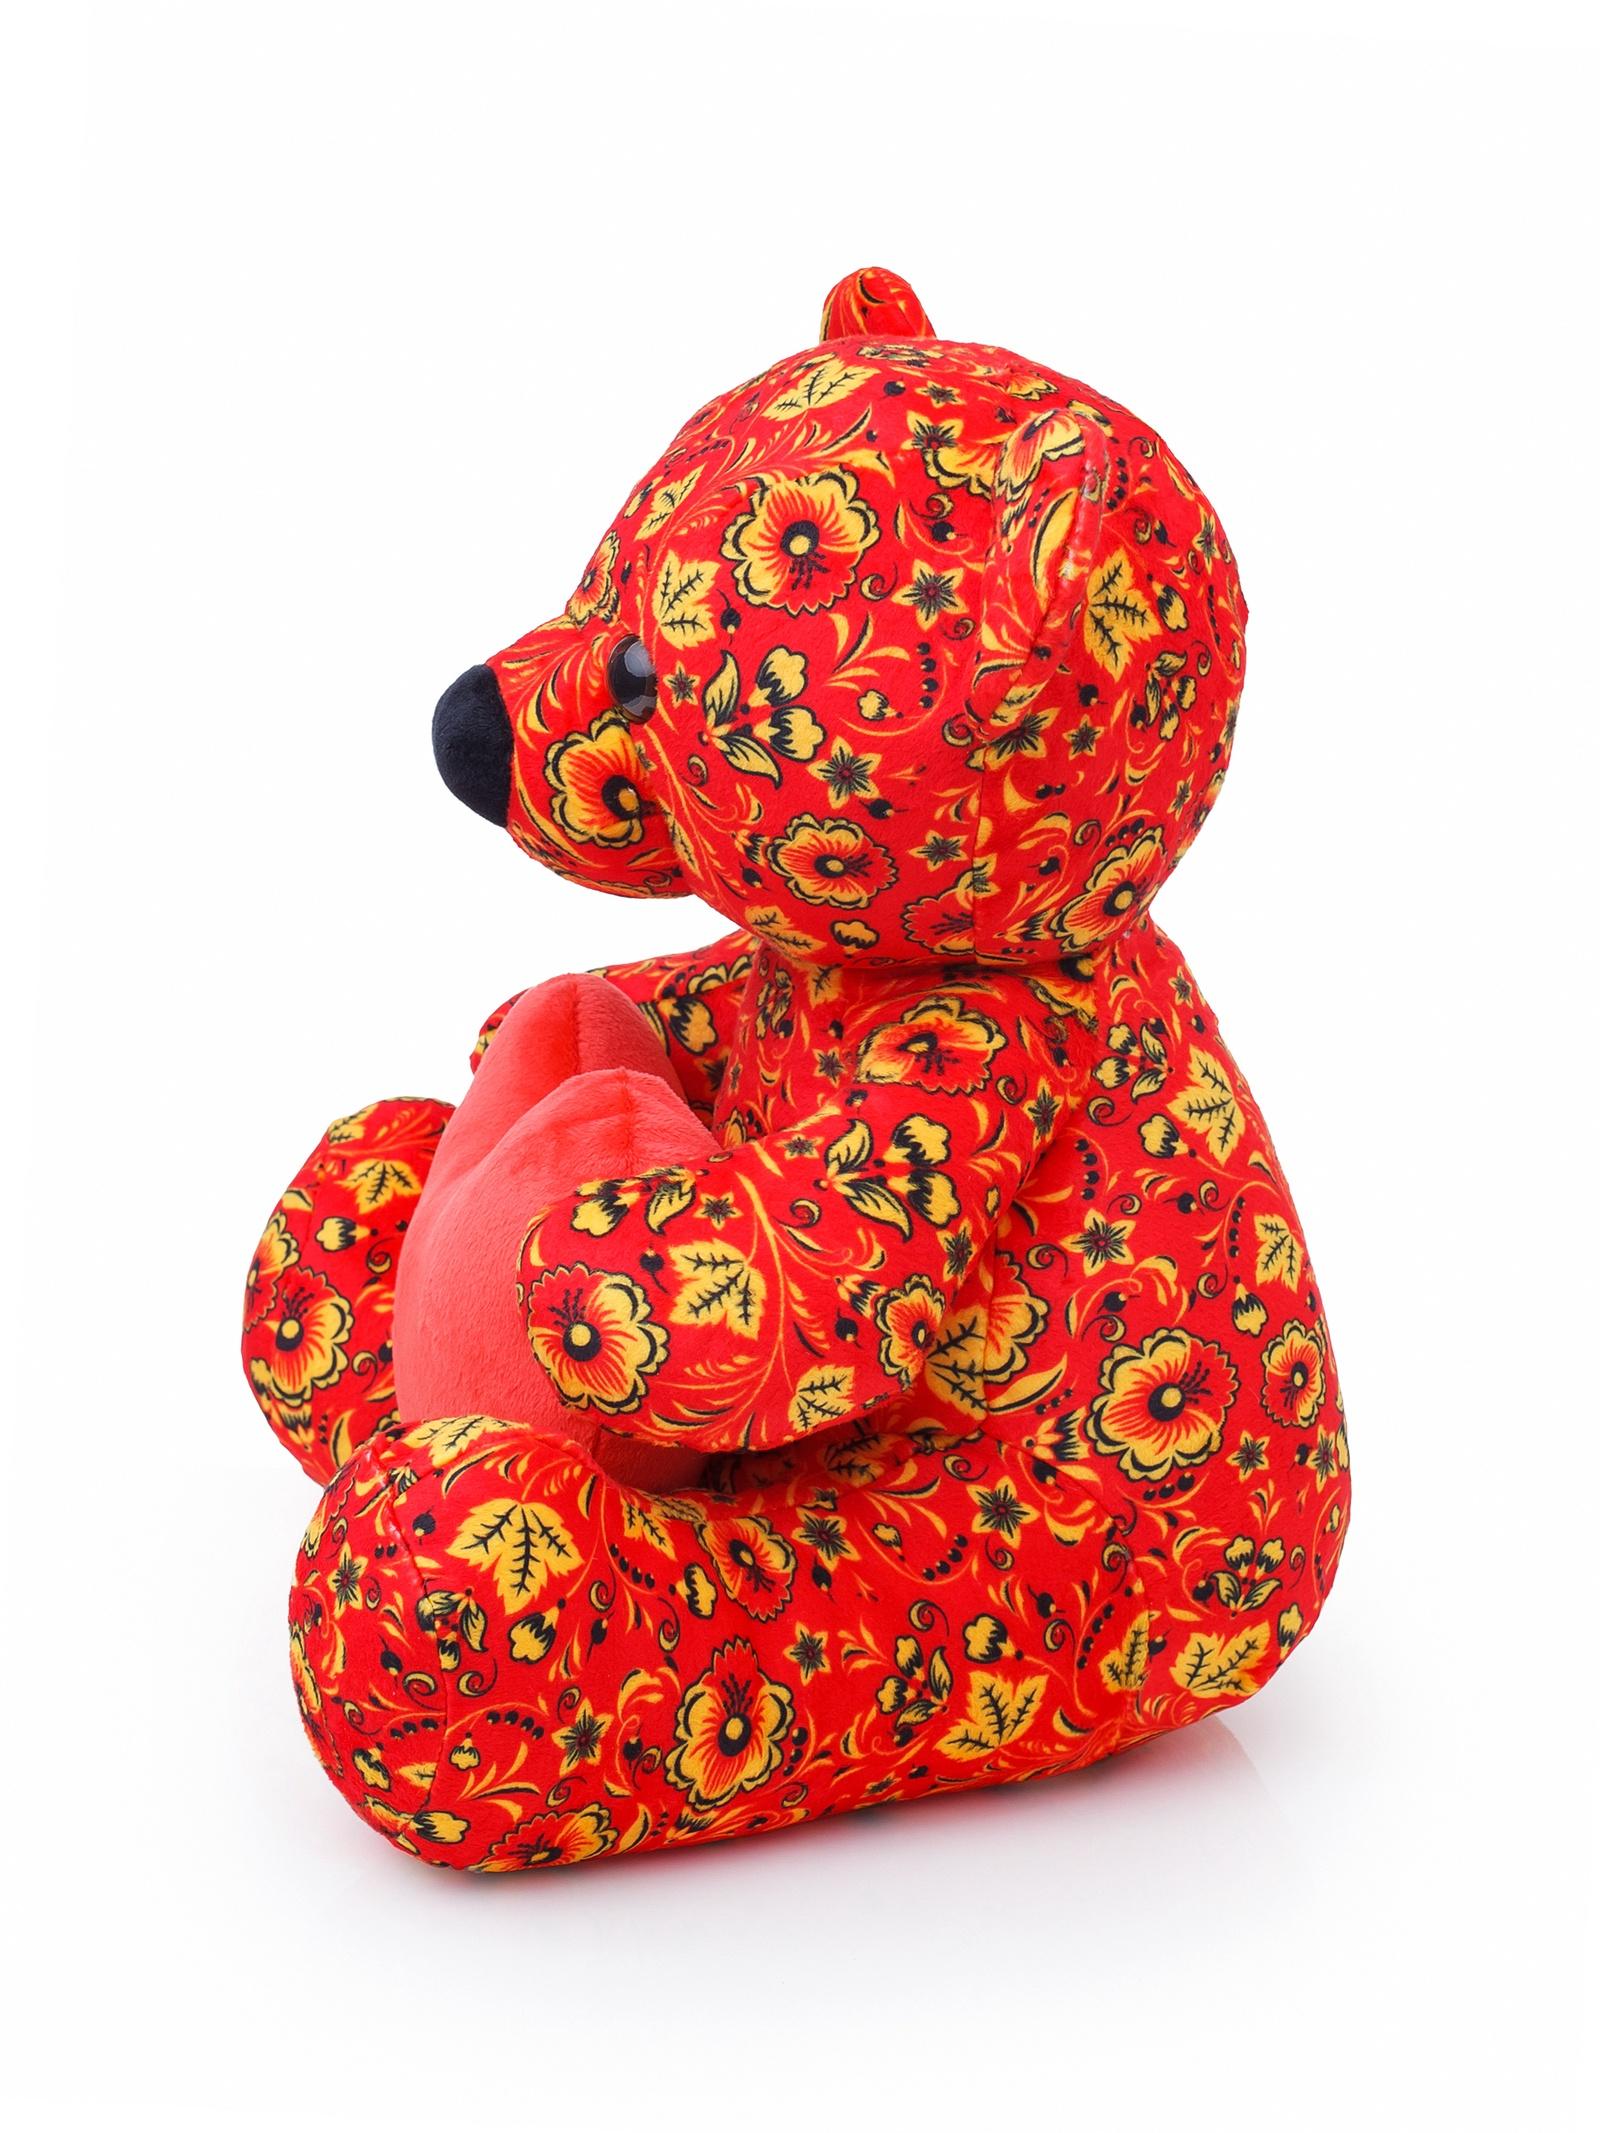 Мягкая Игрушка Медвежонок Сёмк, 35см смолтойс мягкая игрушка медвежонок монти 100 см